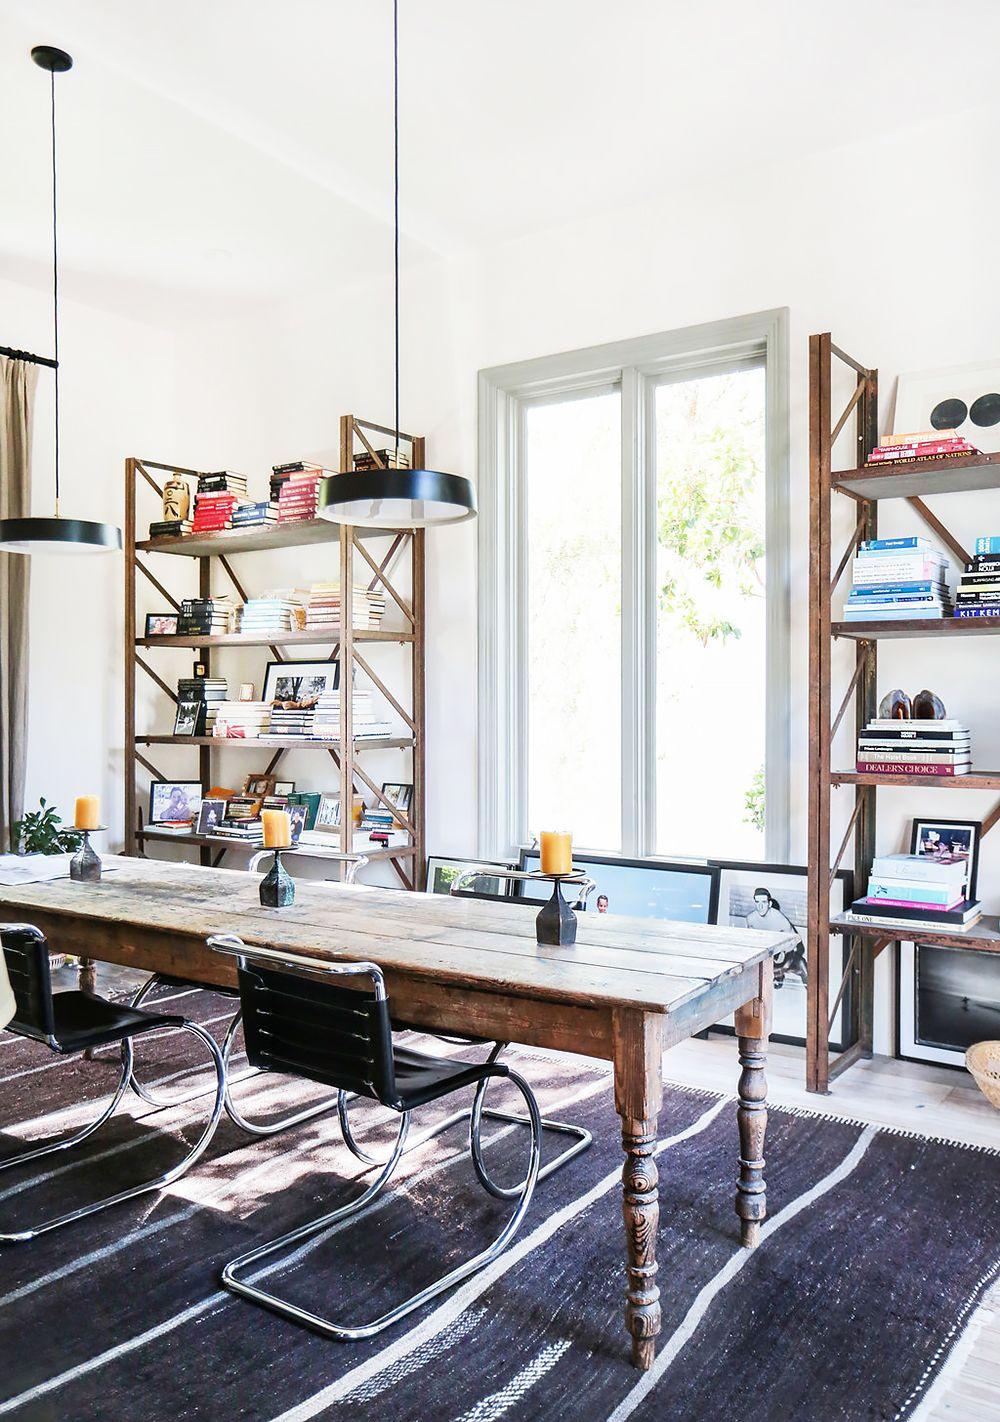 küchentisch | Home 2 | Pinterest | Küchentische